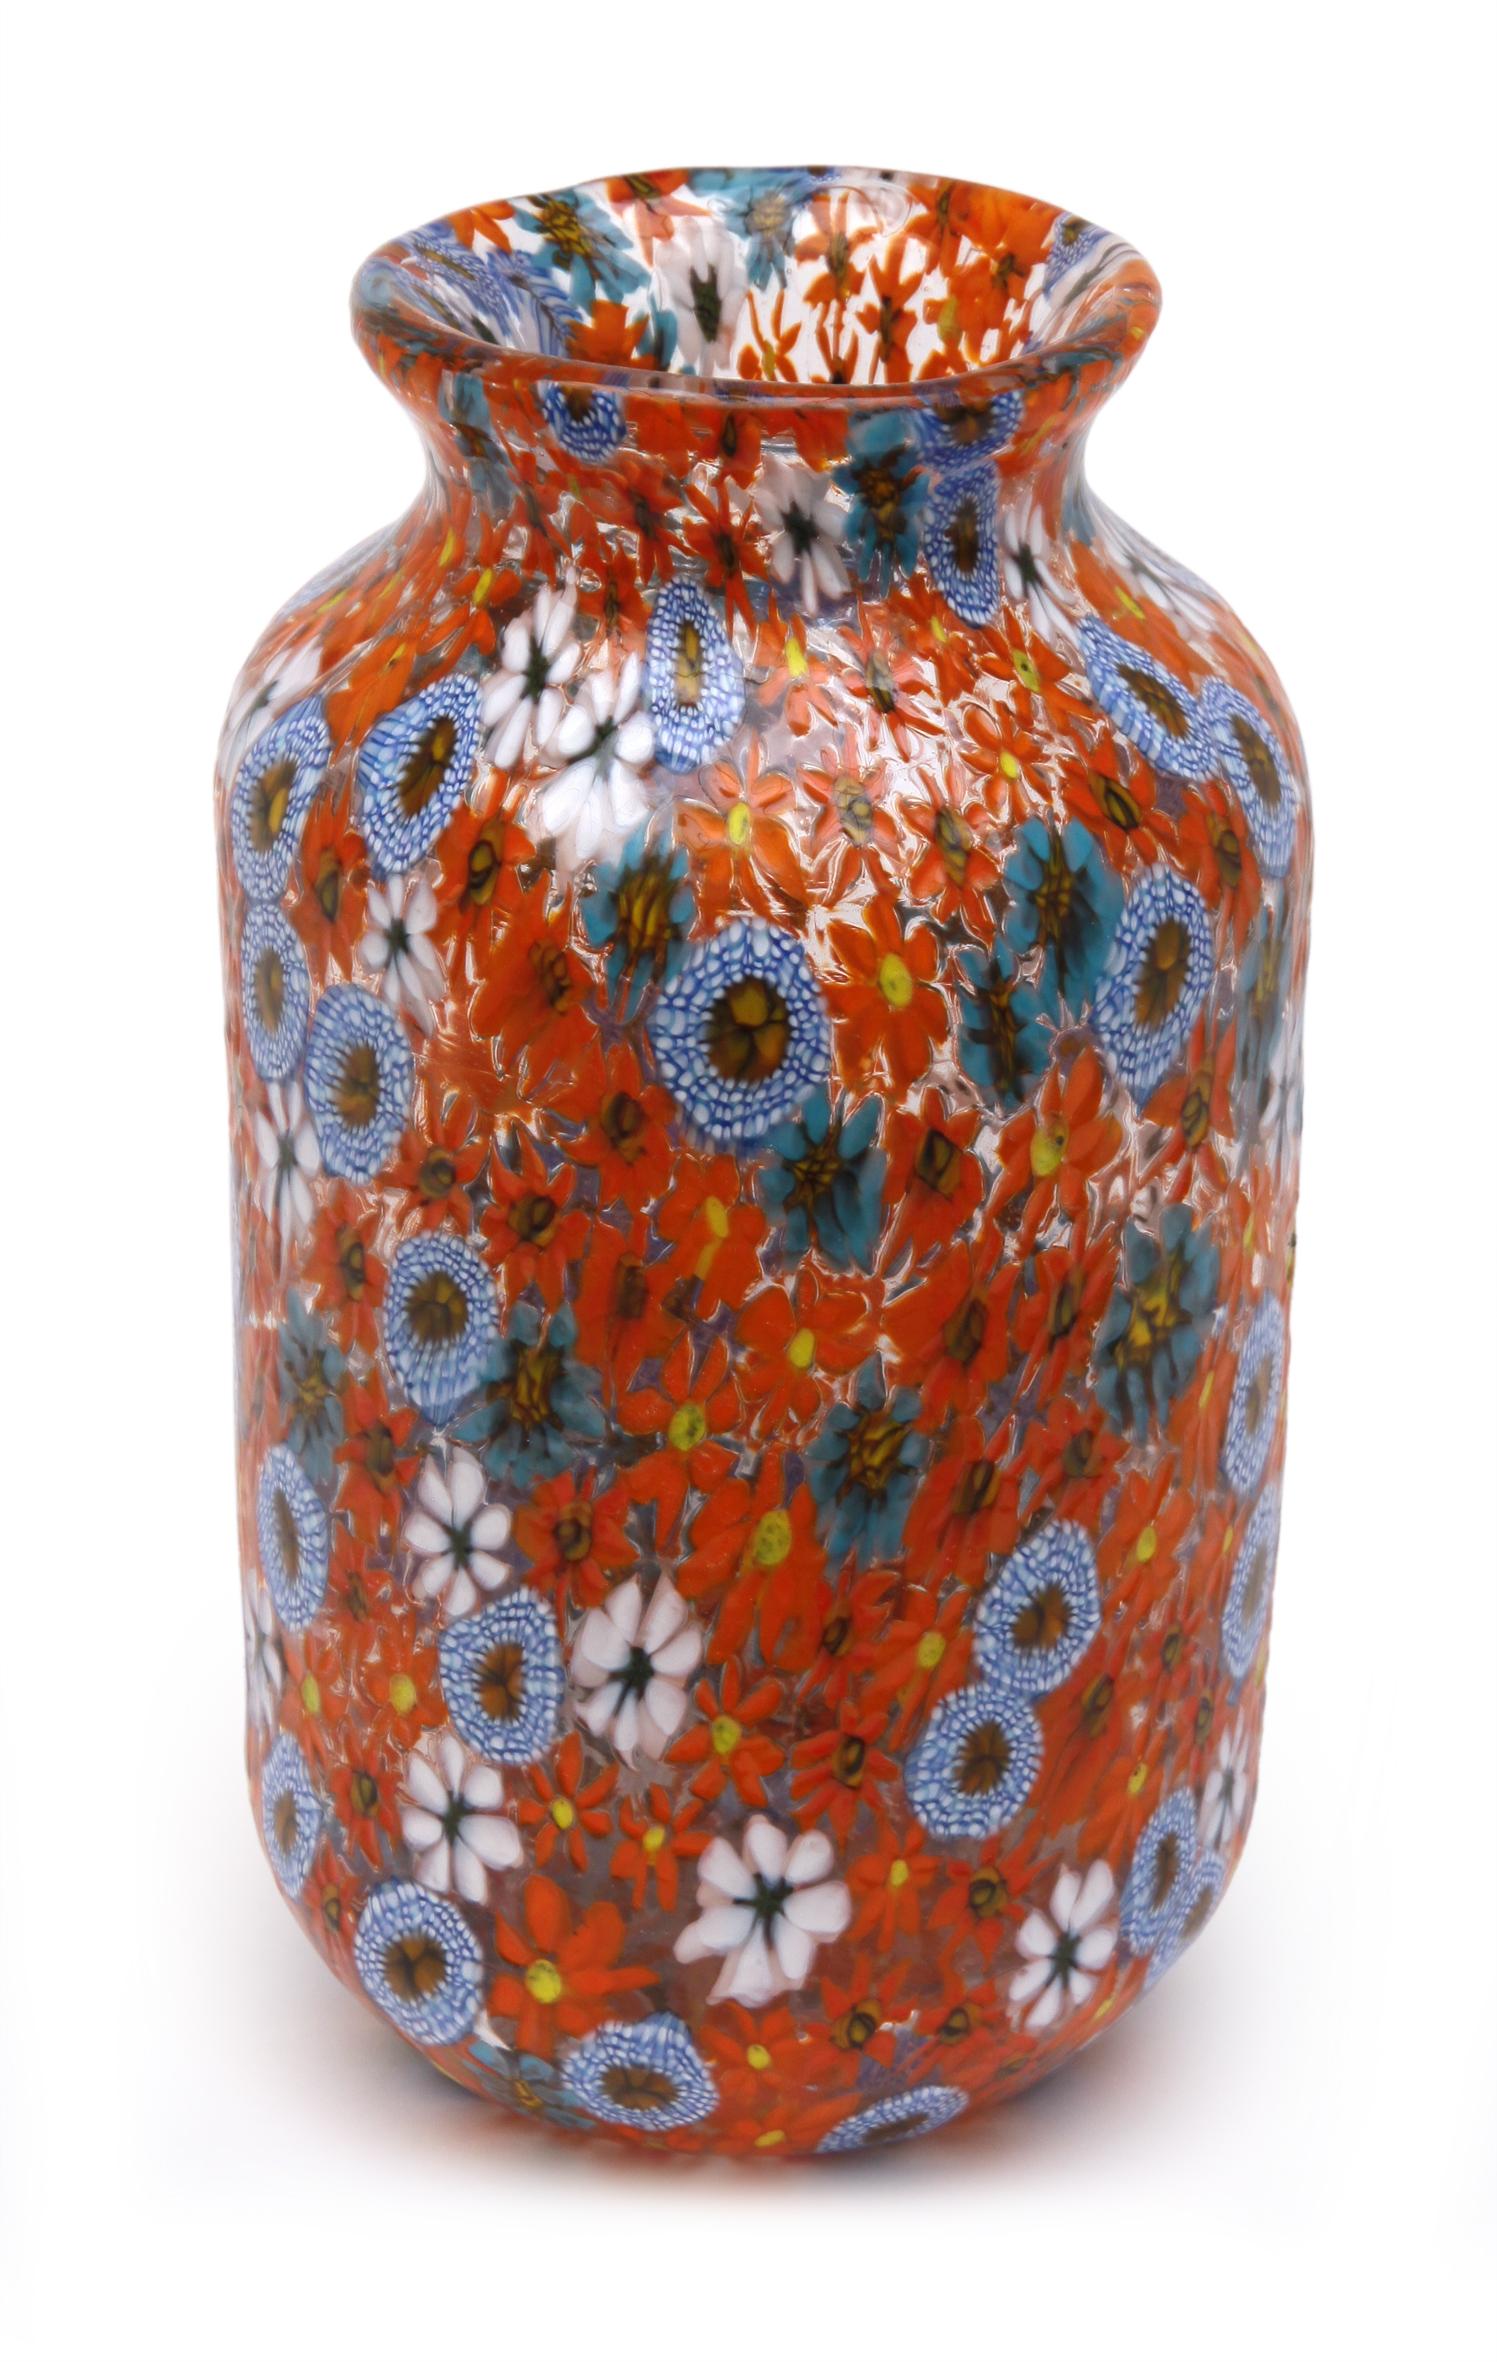 Die Vase »Kiku« von Ermanno Toso, um 1955, wurde am 24. Mai 2014 bei Herr in Köln aufgerufen, Limit 2400 Euro (Foto: Herr, Köln)